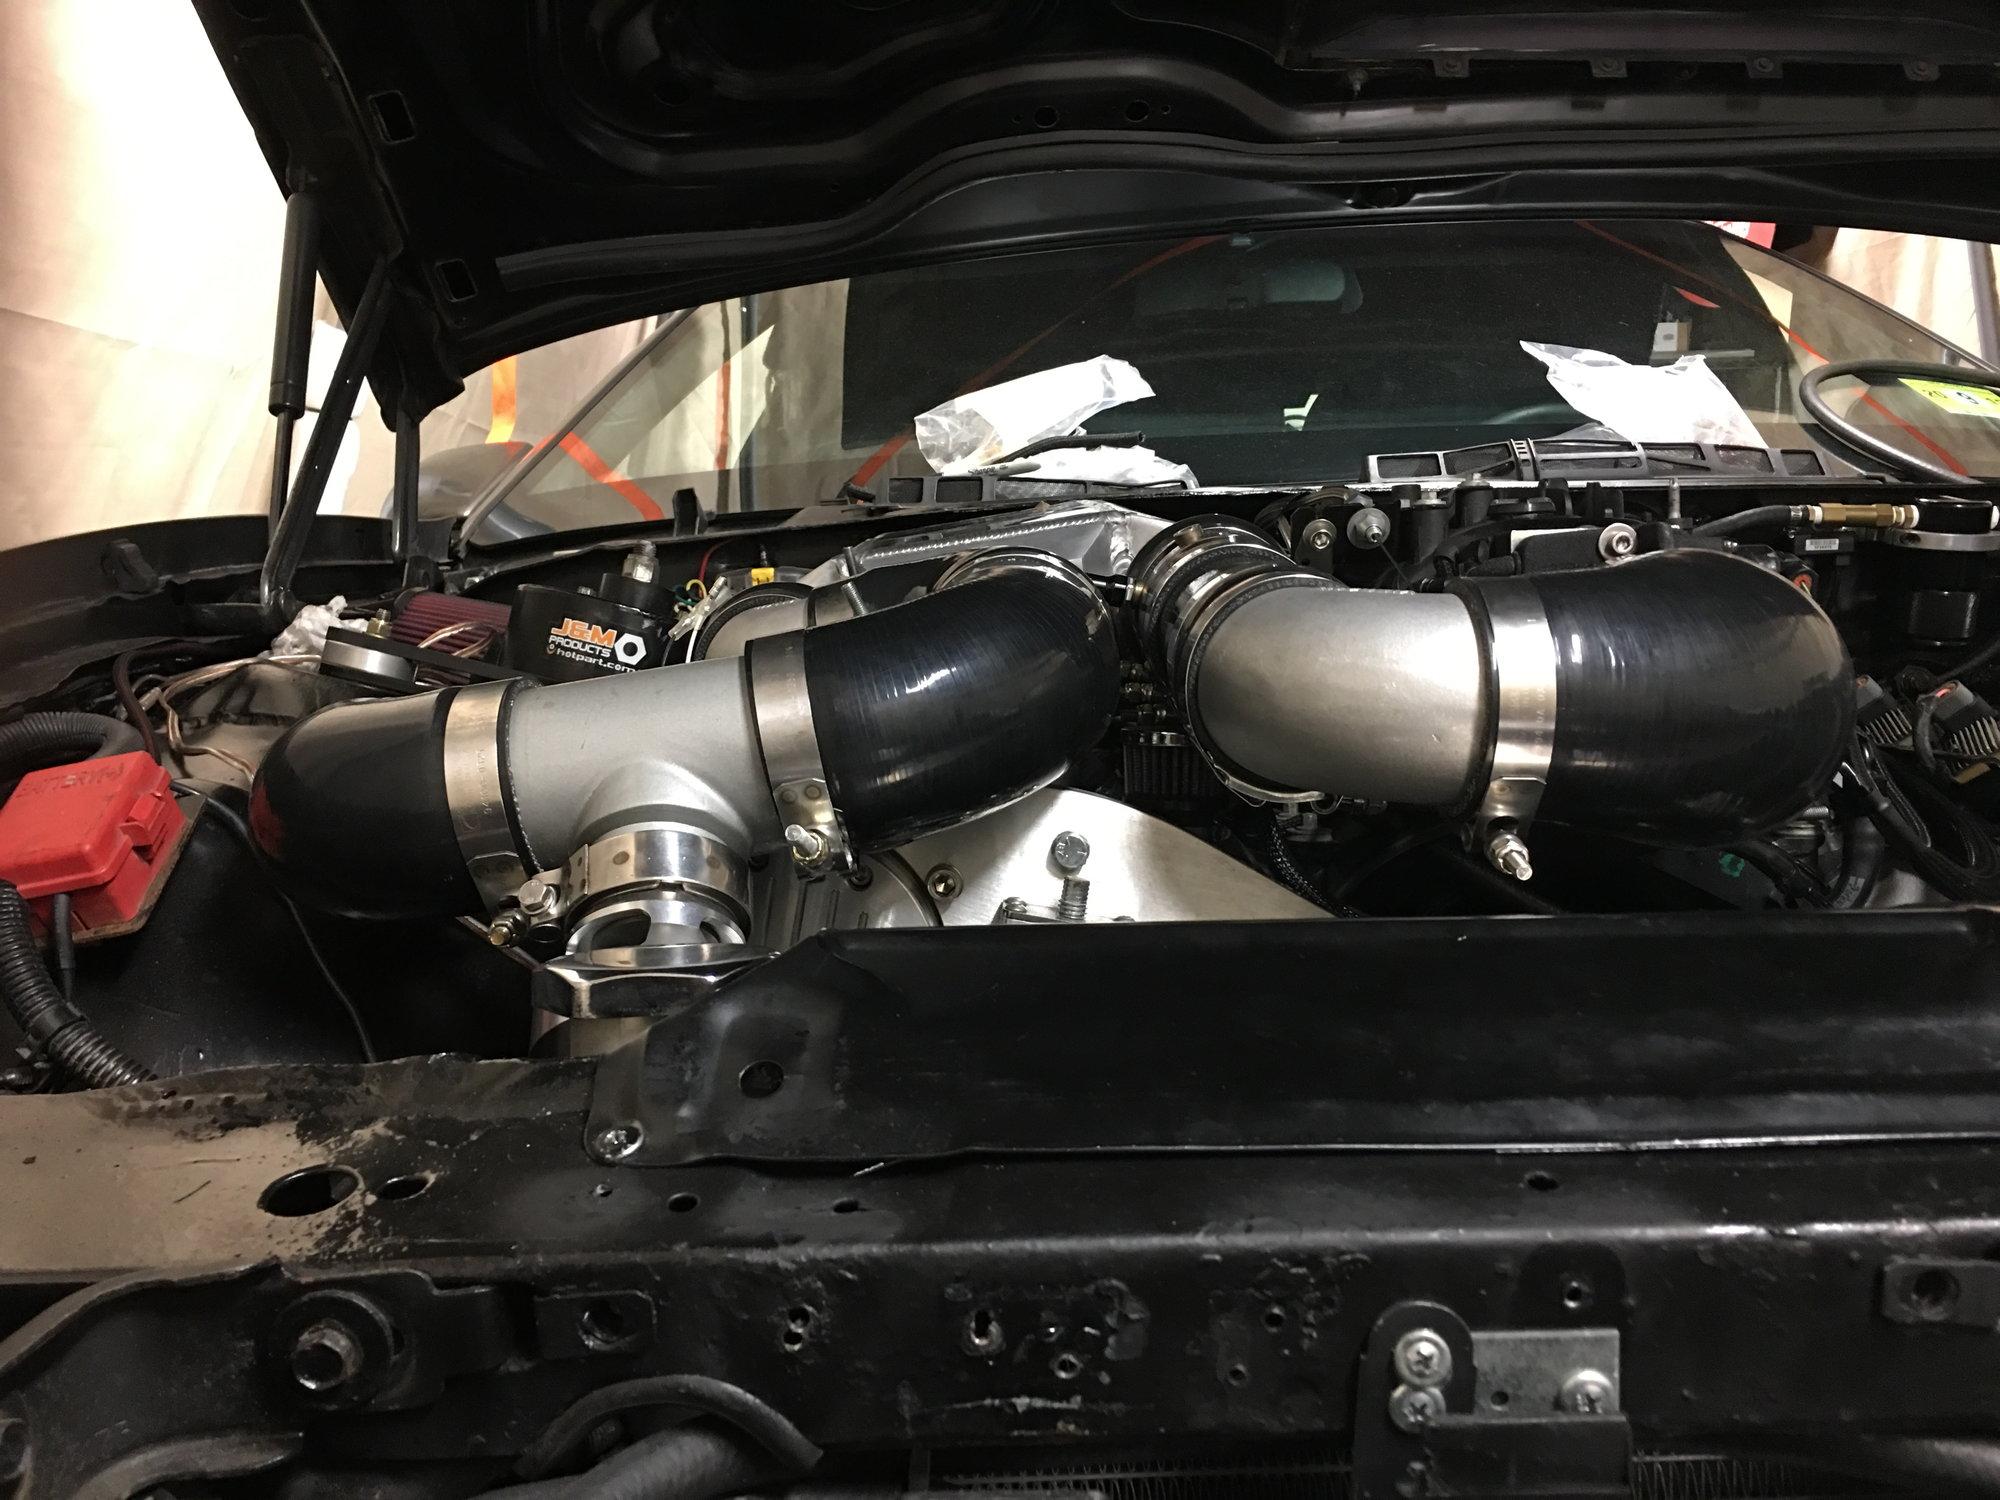 CXRacing Aluminum Liquid Heat Exchanger Air to Water